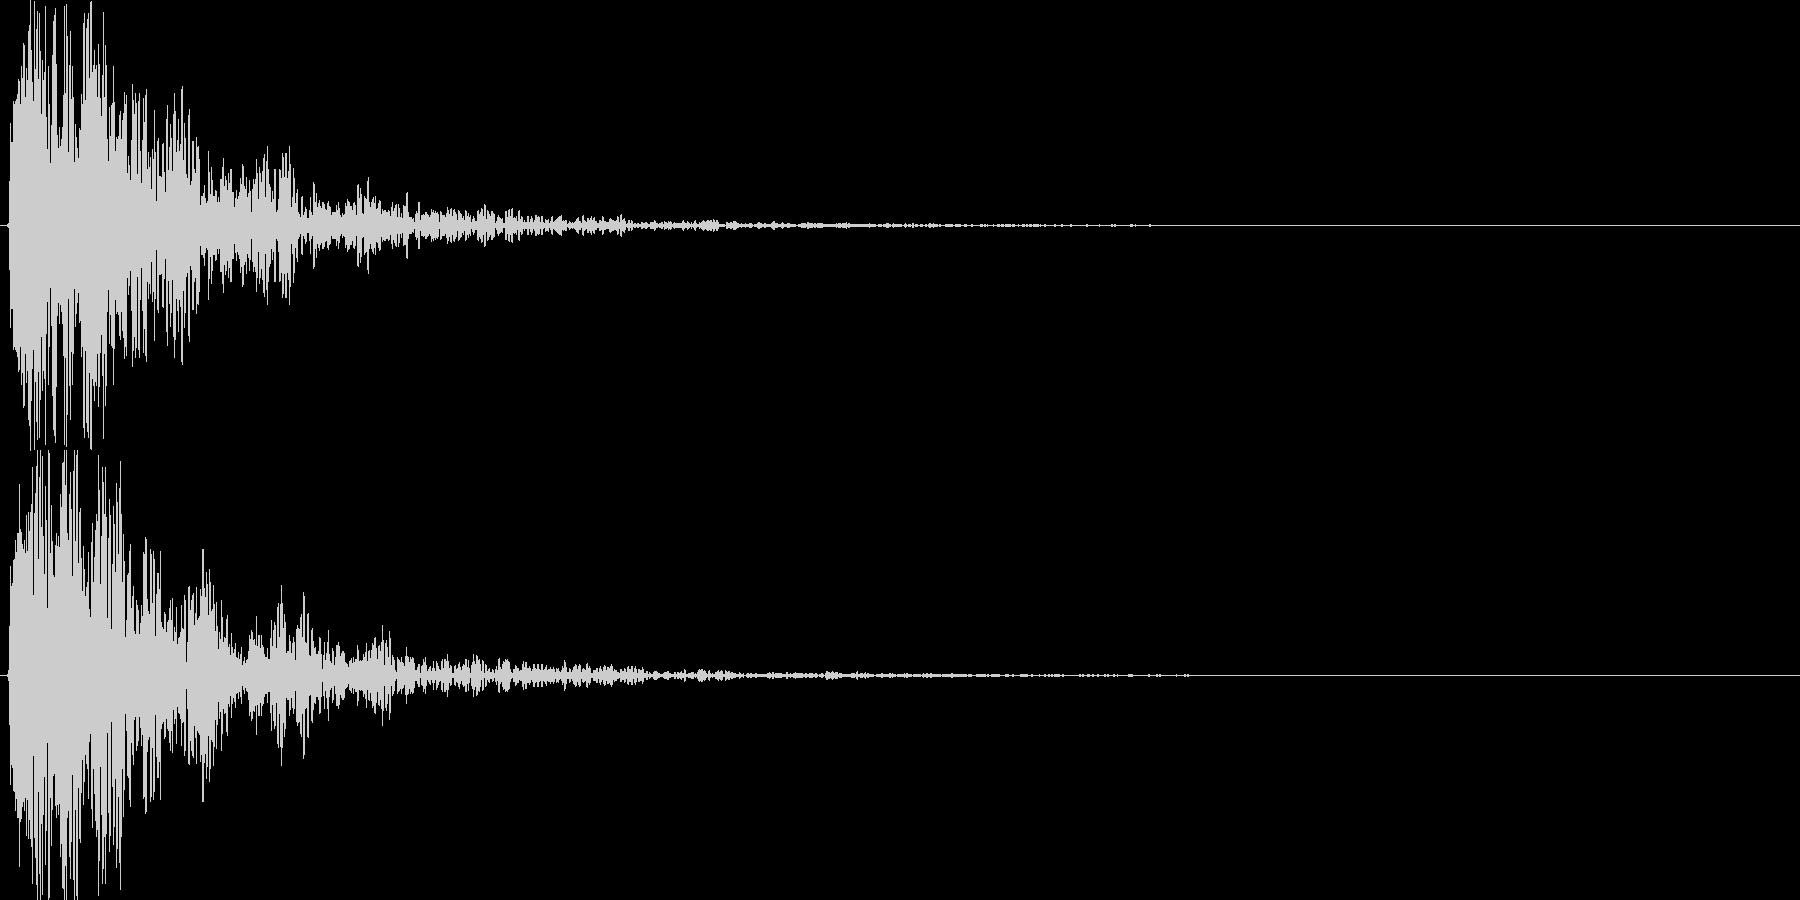 ドーン!(バーン!)という衝撃音の未再生の波形